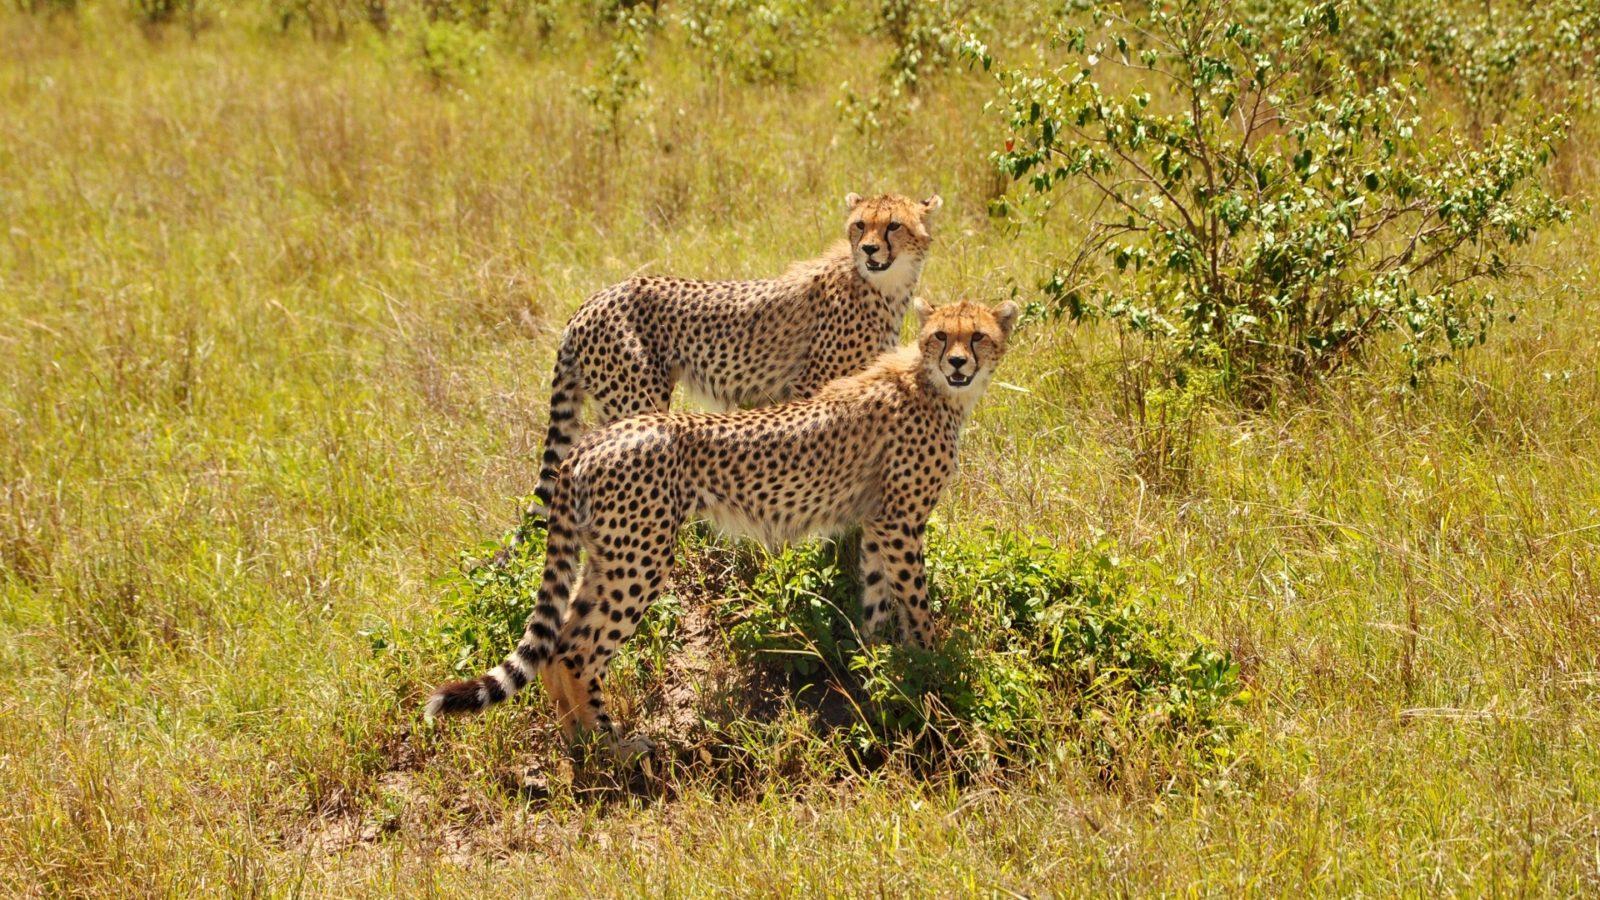 Safari 1gg Tsavo Est Cheetah couple Safari 1 Day Tsavo East Safari 1 Tage Tsavo Ost